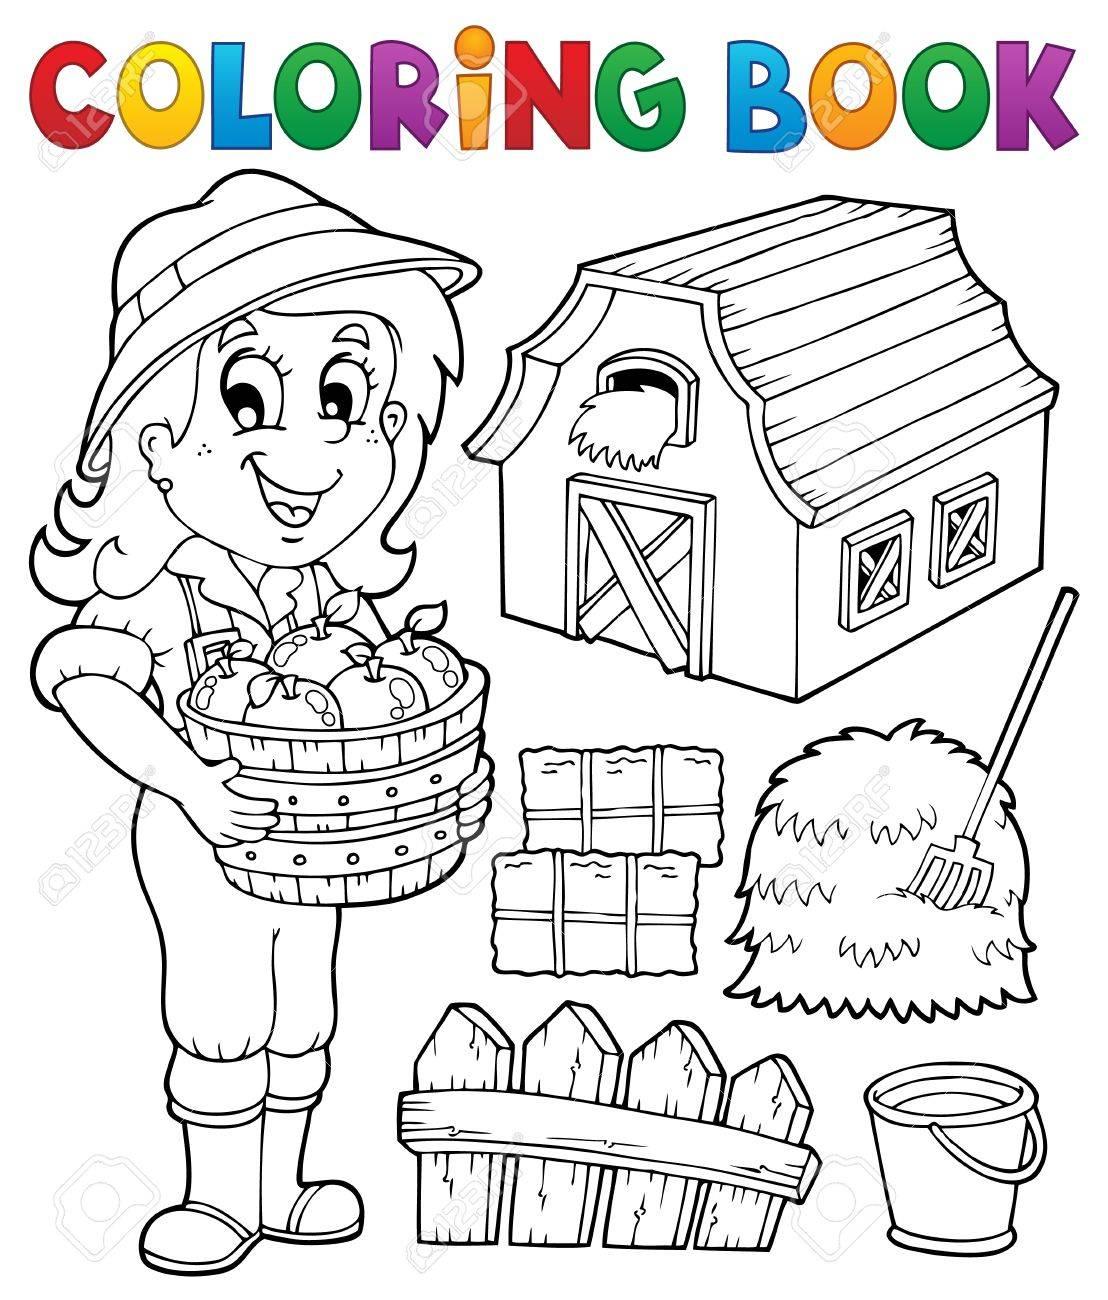 Dibujo Para Colorear Chica Y Granja Objetos Eps10 Ilustración